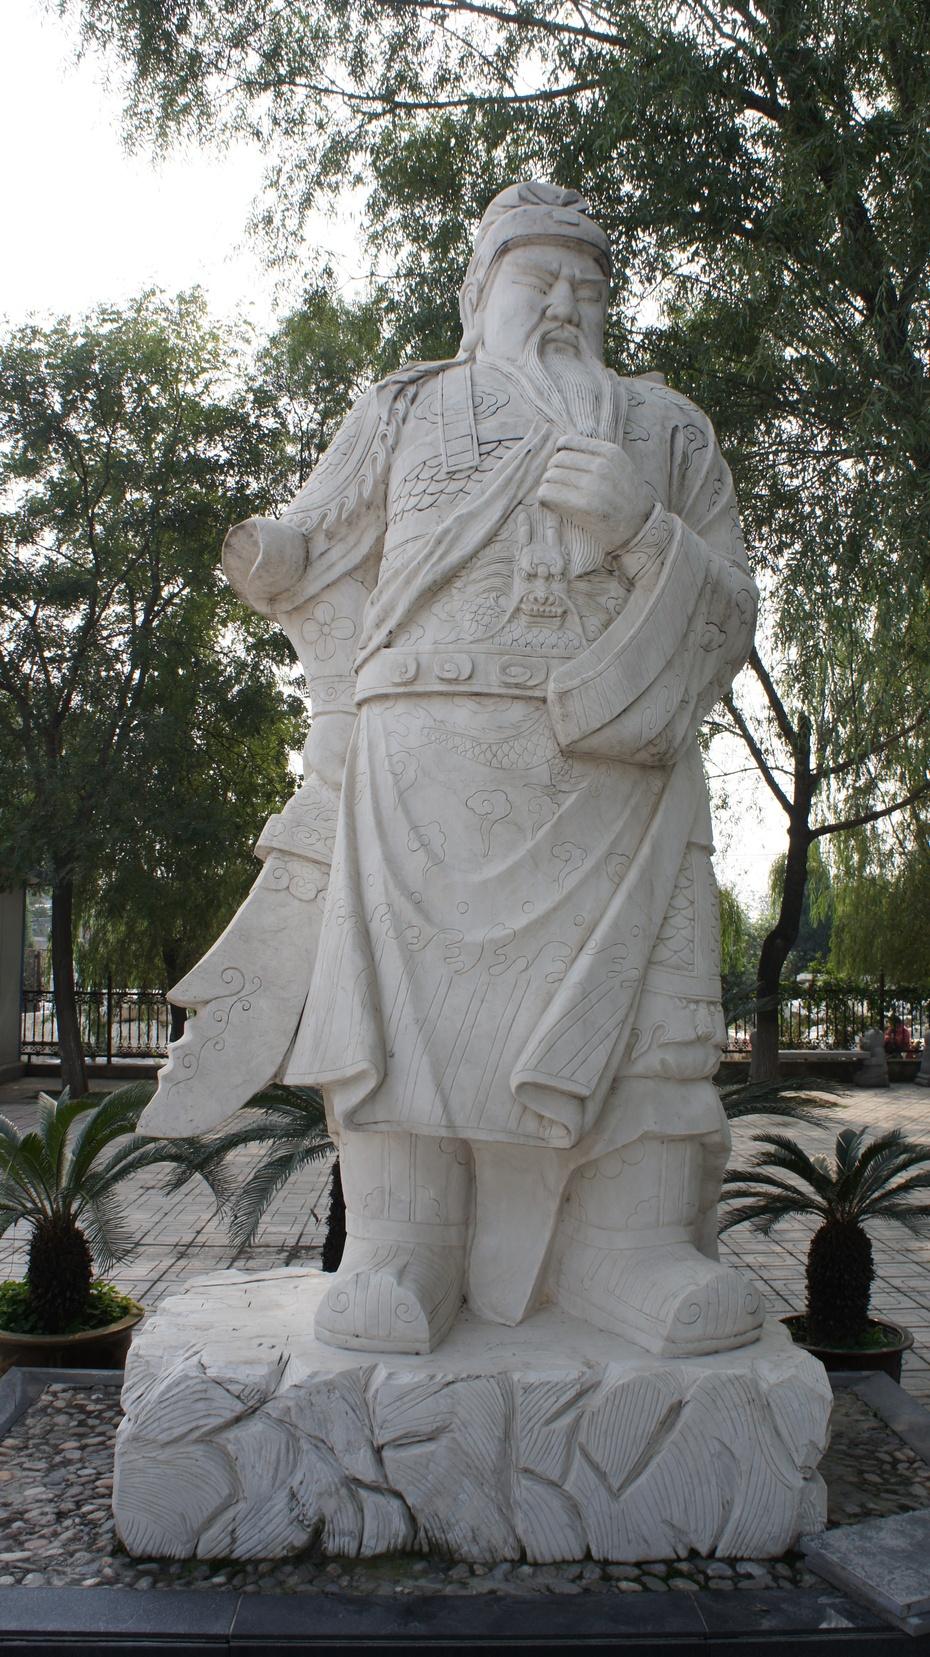 北京房山:大石窝中华石雕艺术园 - 余昌国 - 我的博客